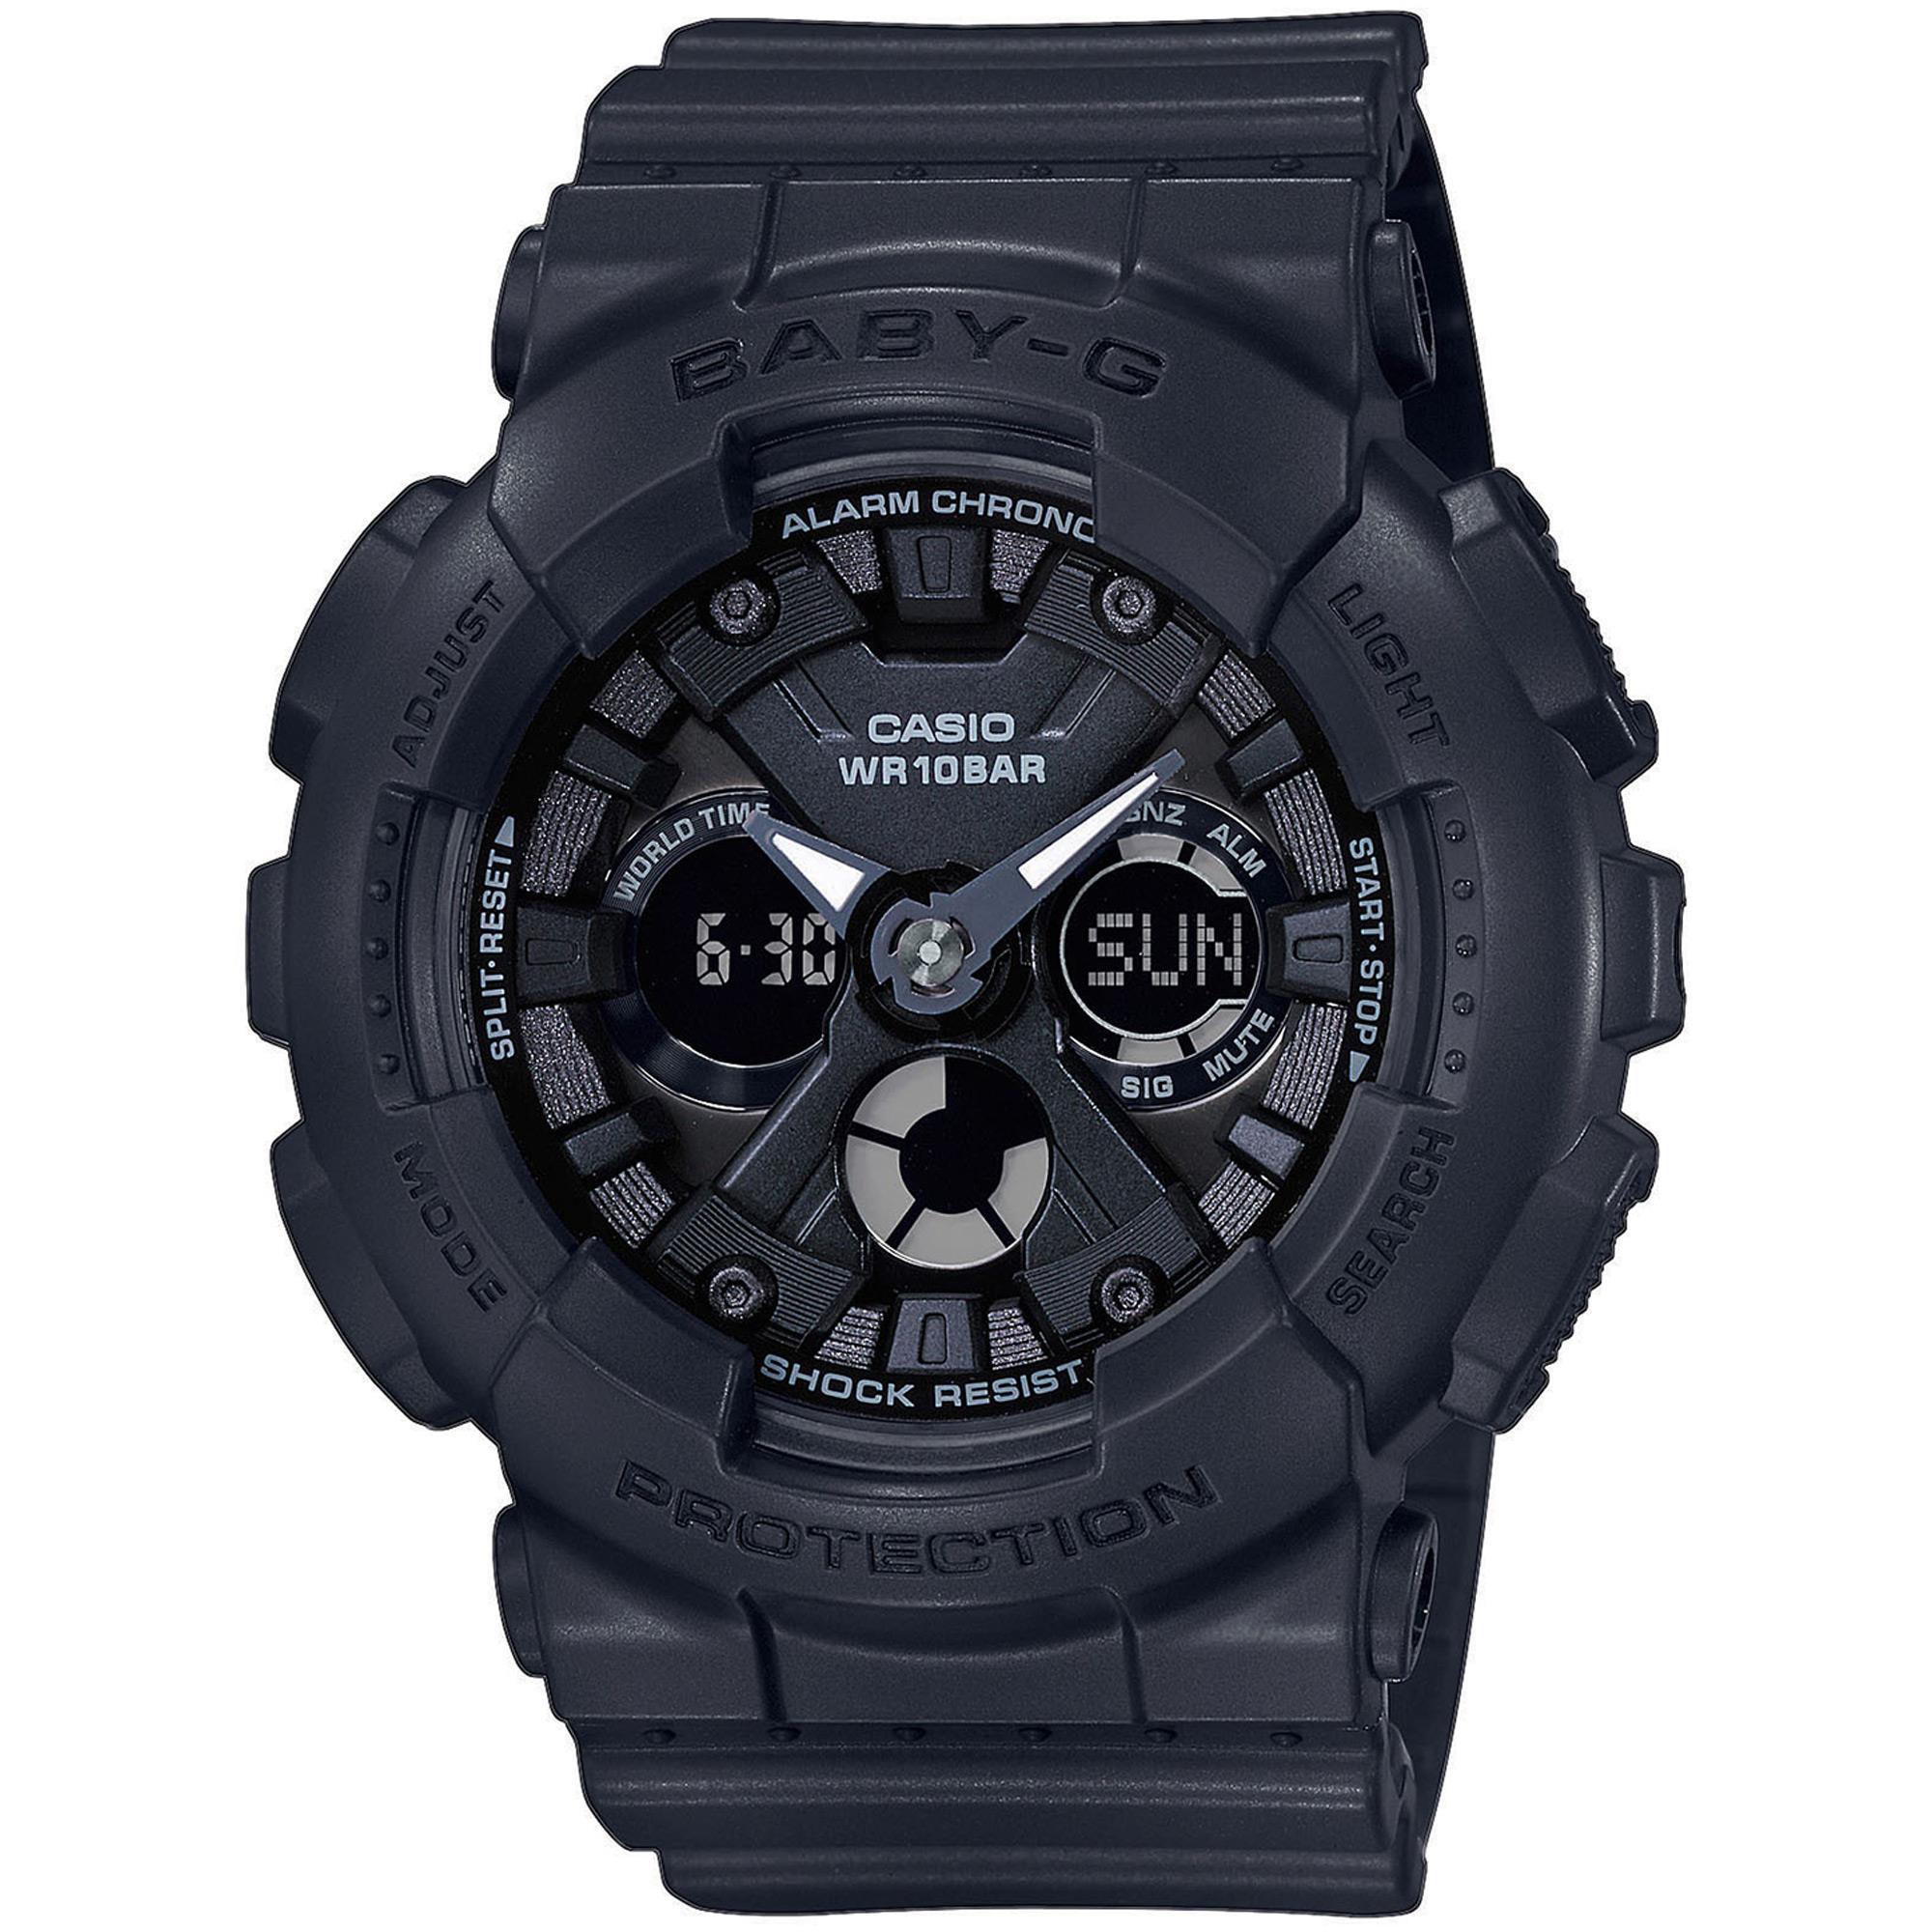 G-Shock Baby G Nero Anadigit Donna Gomma BA-130-1AER - CASIO